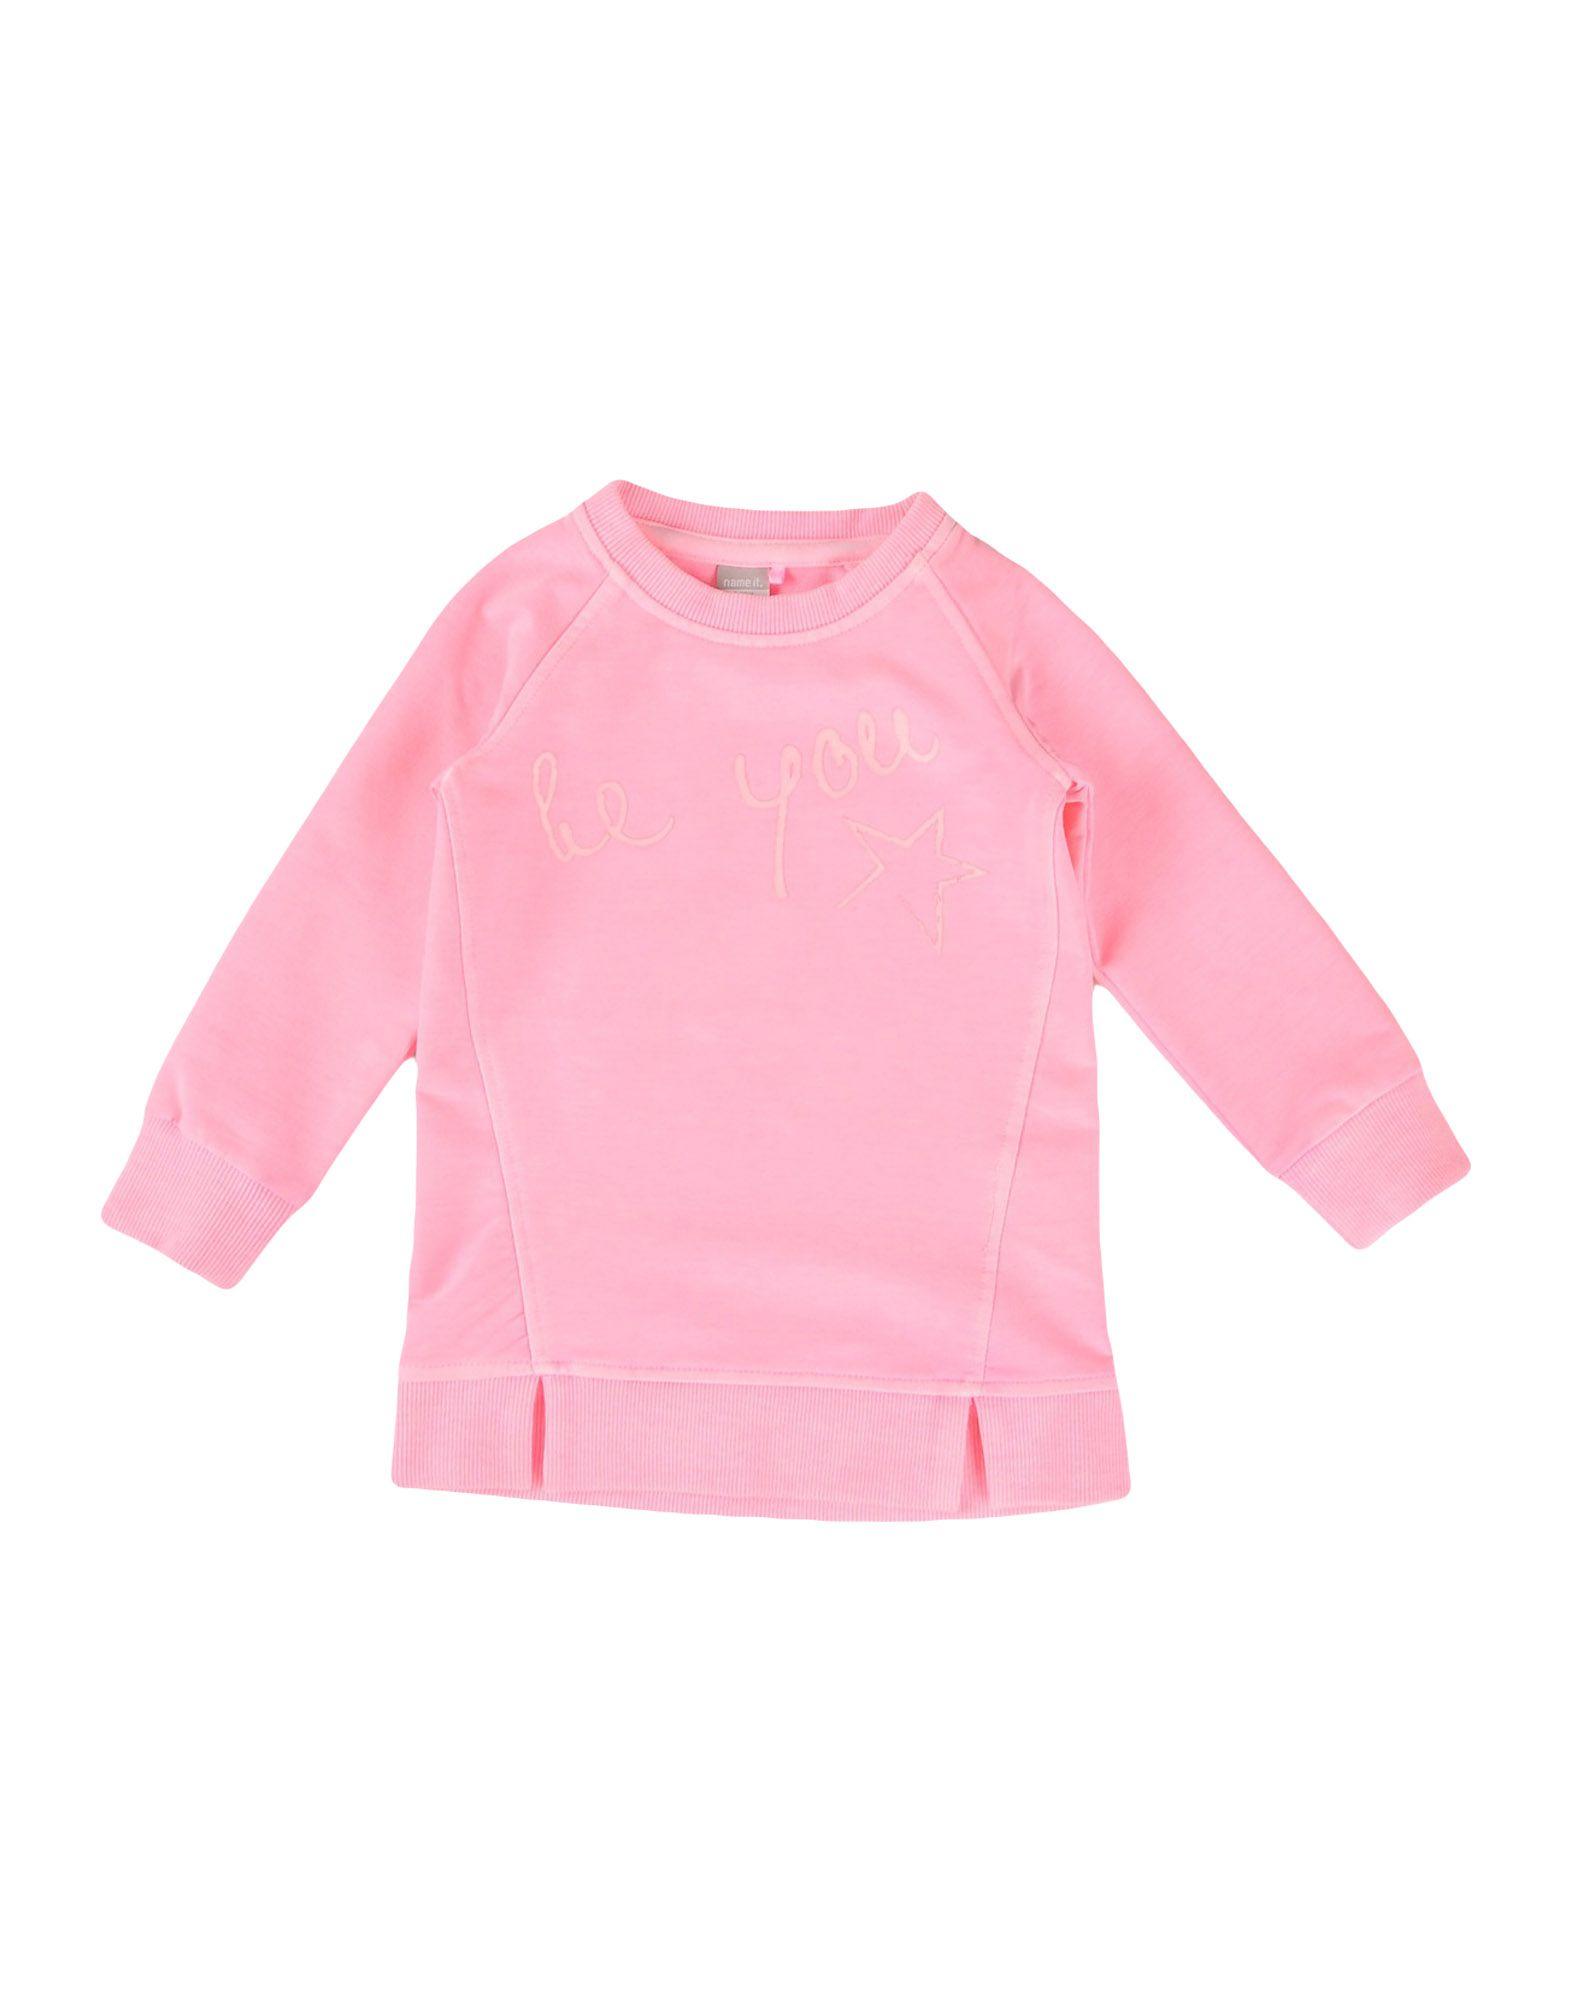 NAME IT® Mädchen 0-24 monate Sweatshirt Farbe Rosa Größe 8